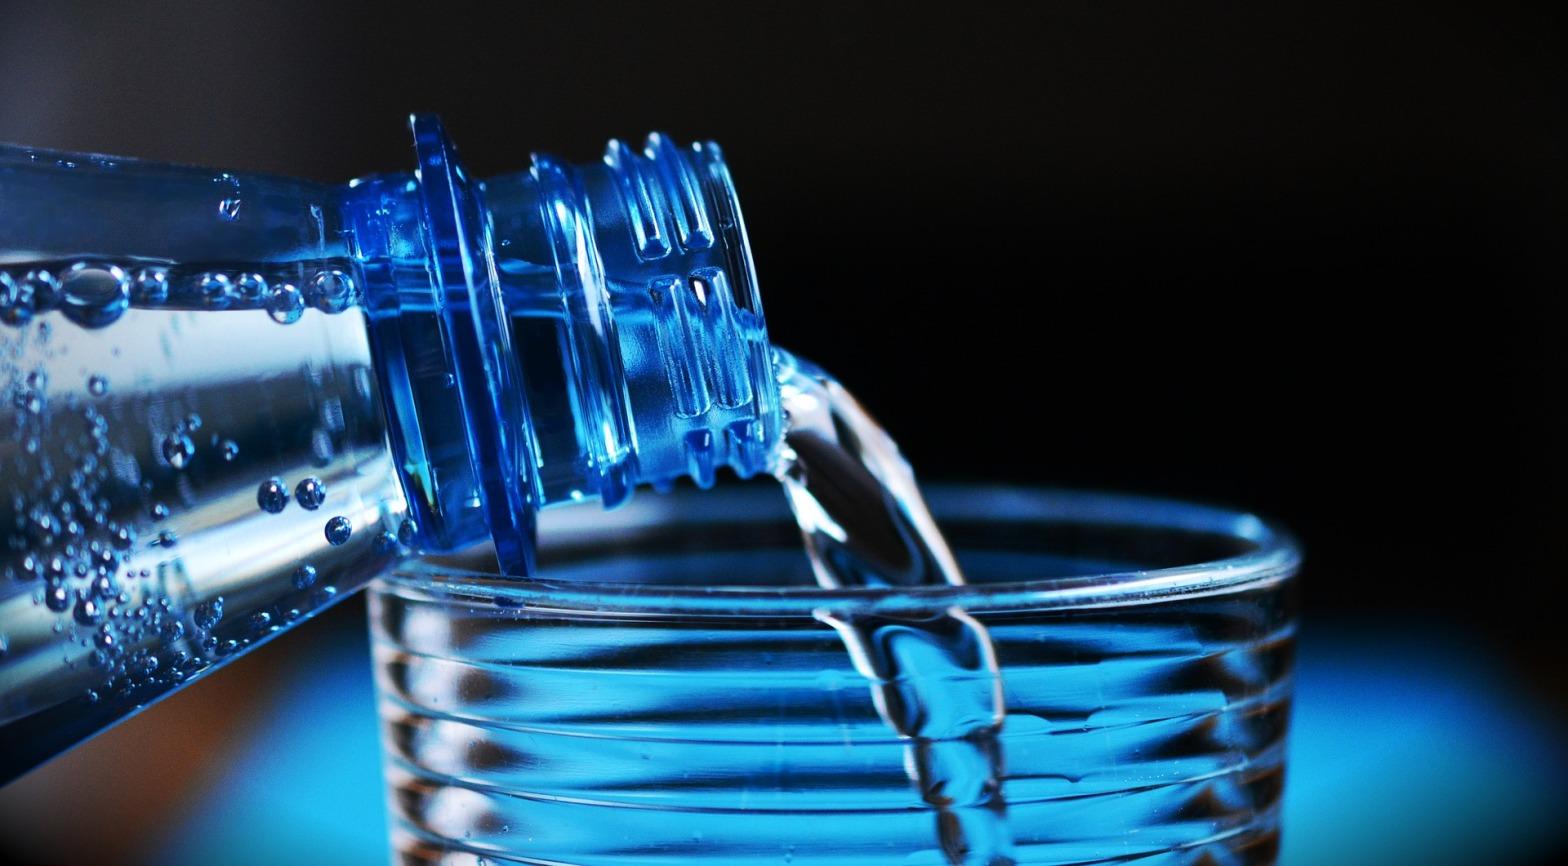 Acqua-bottiglia-plastica-inquinamento